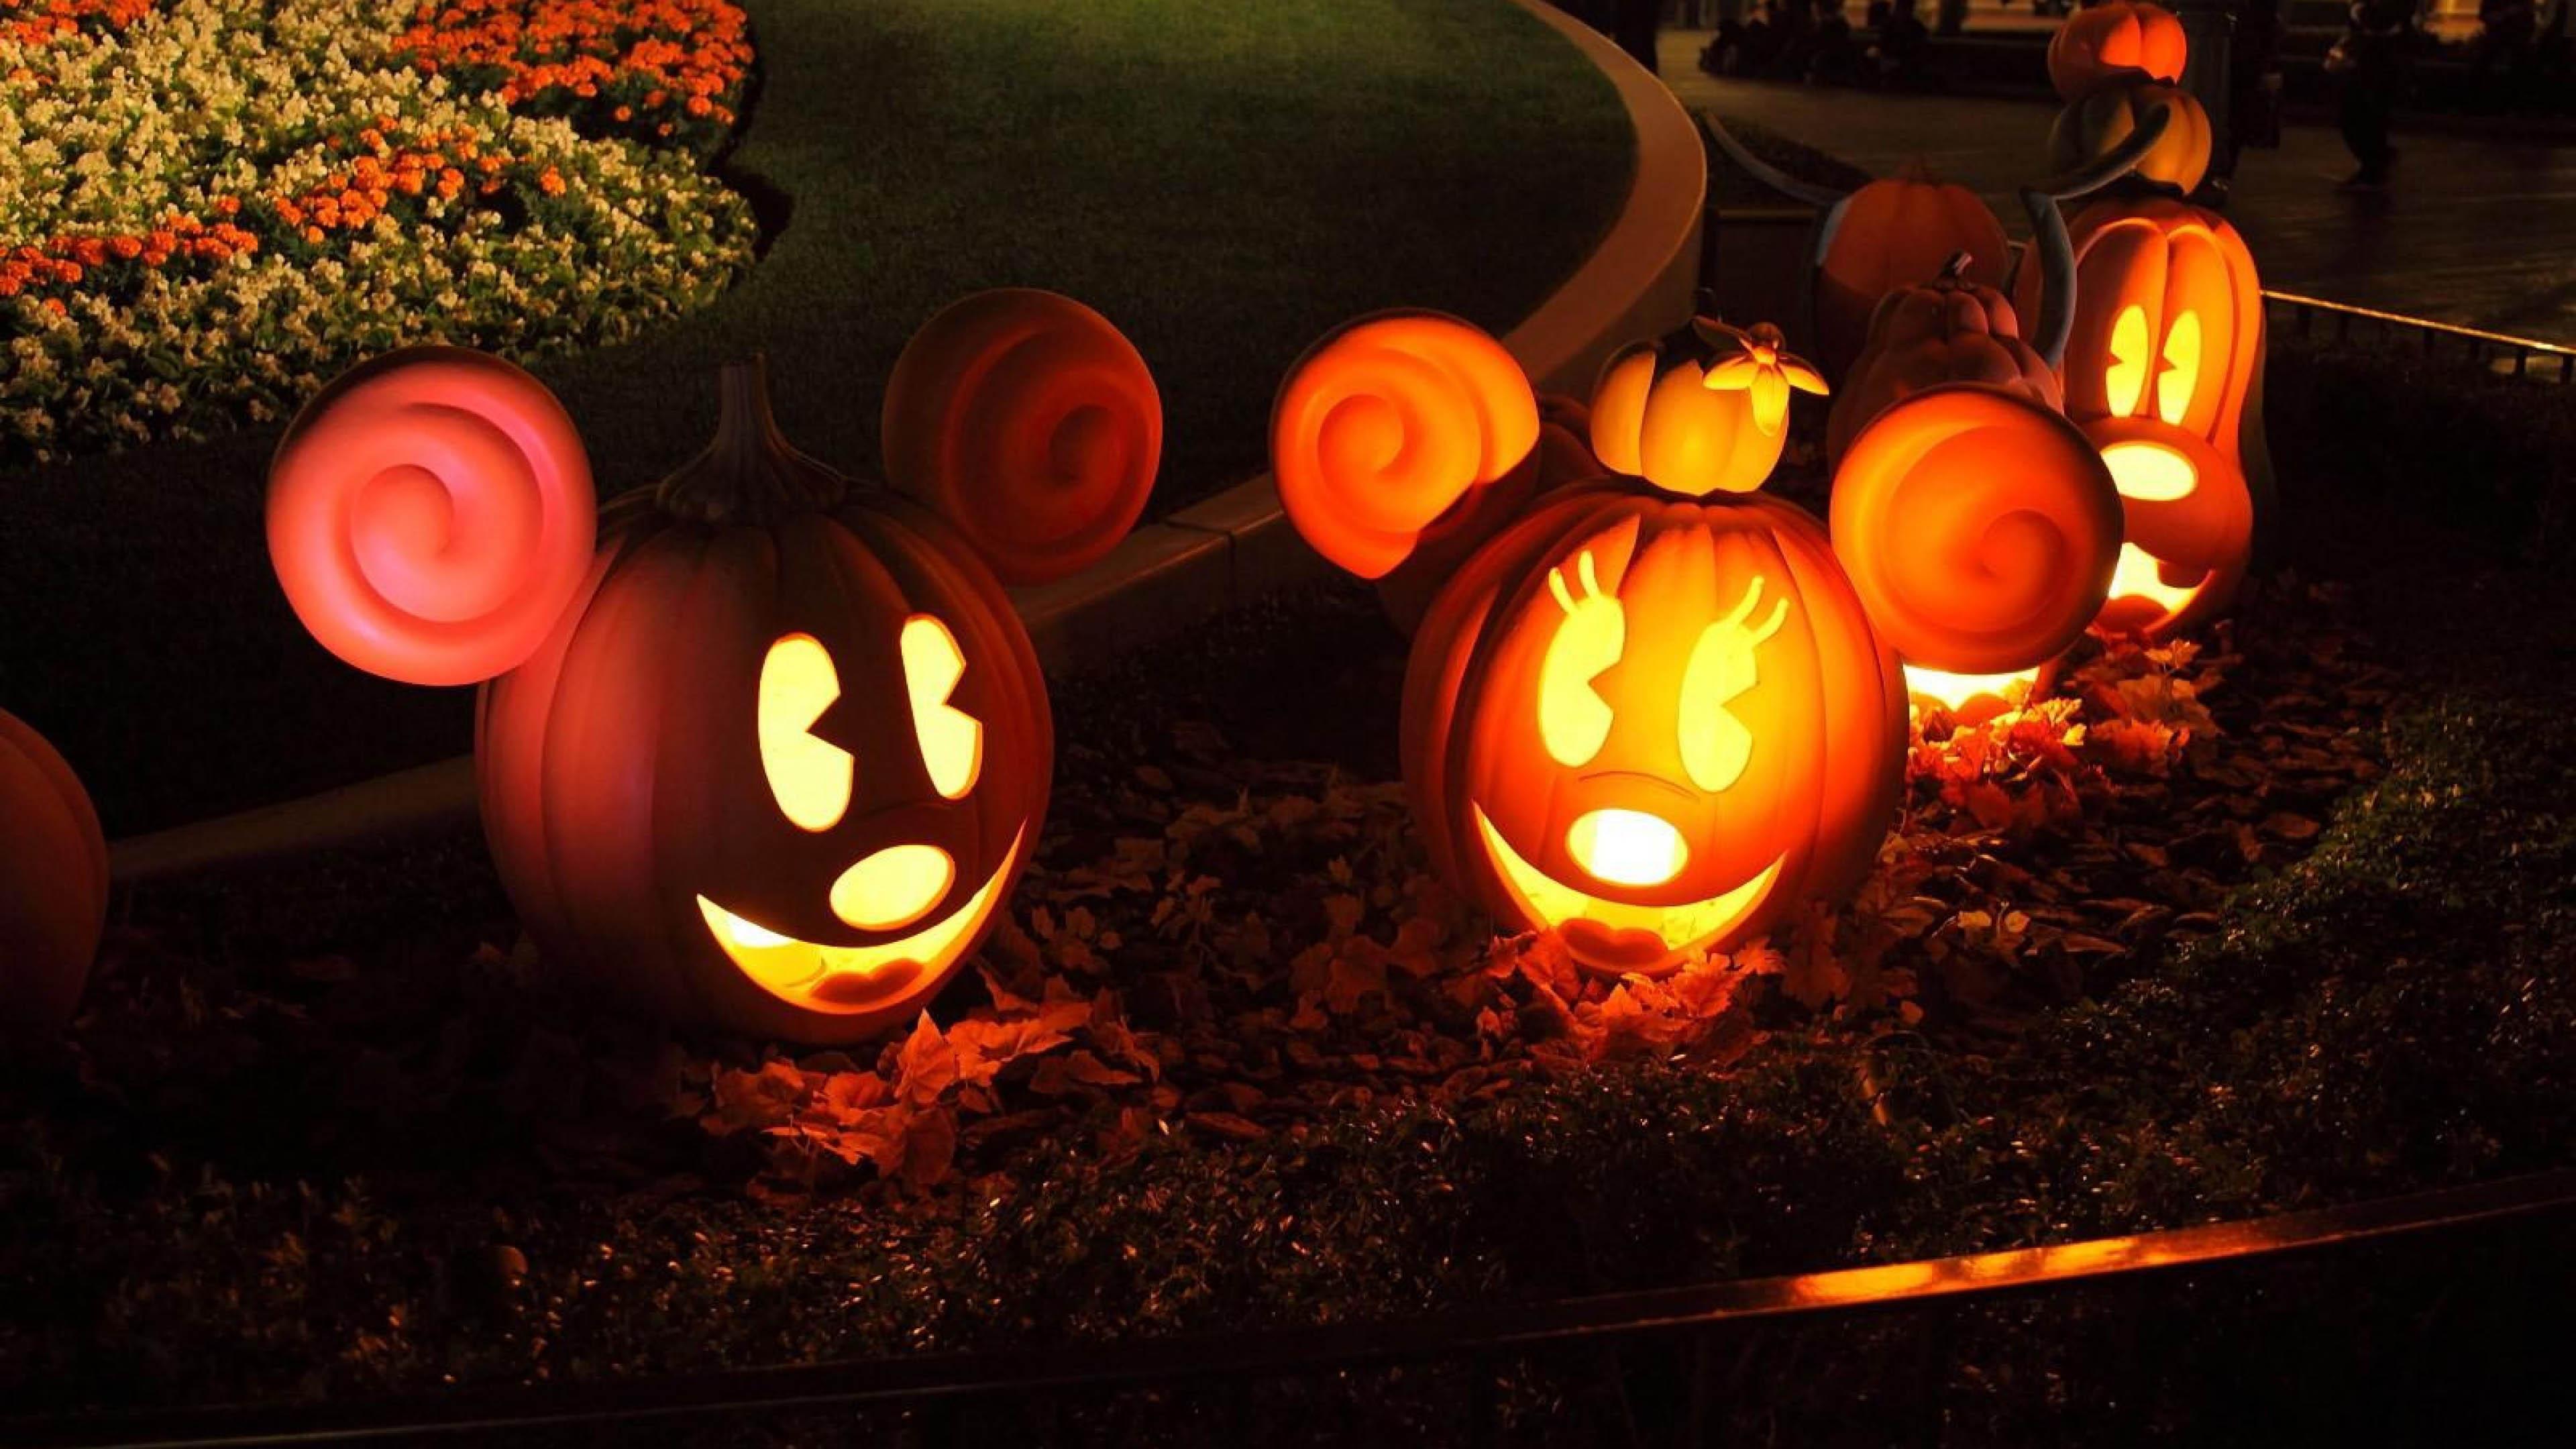 cinderella pumpkin midnight